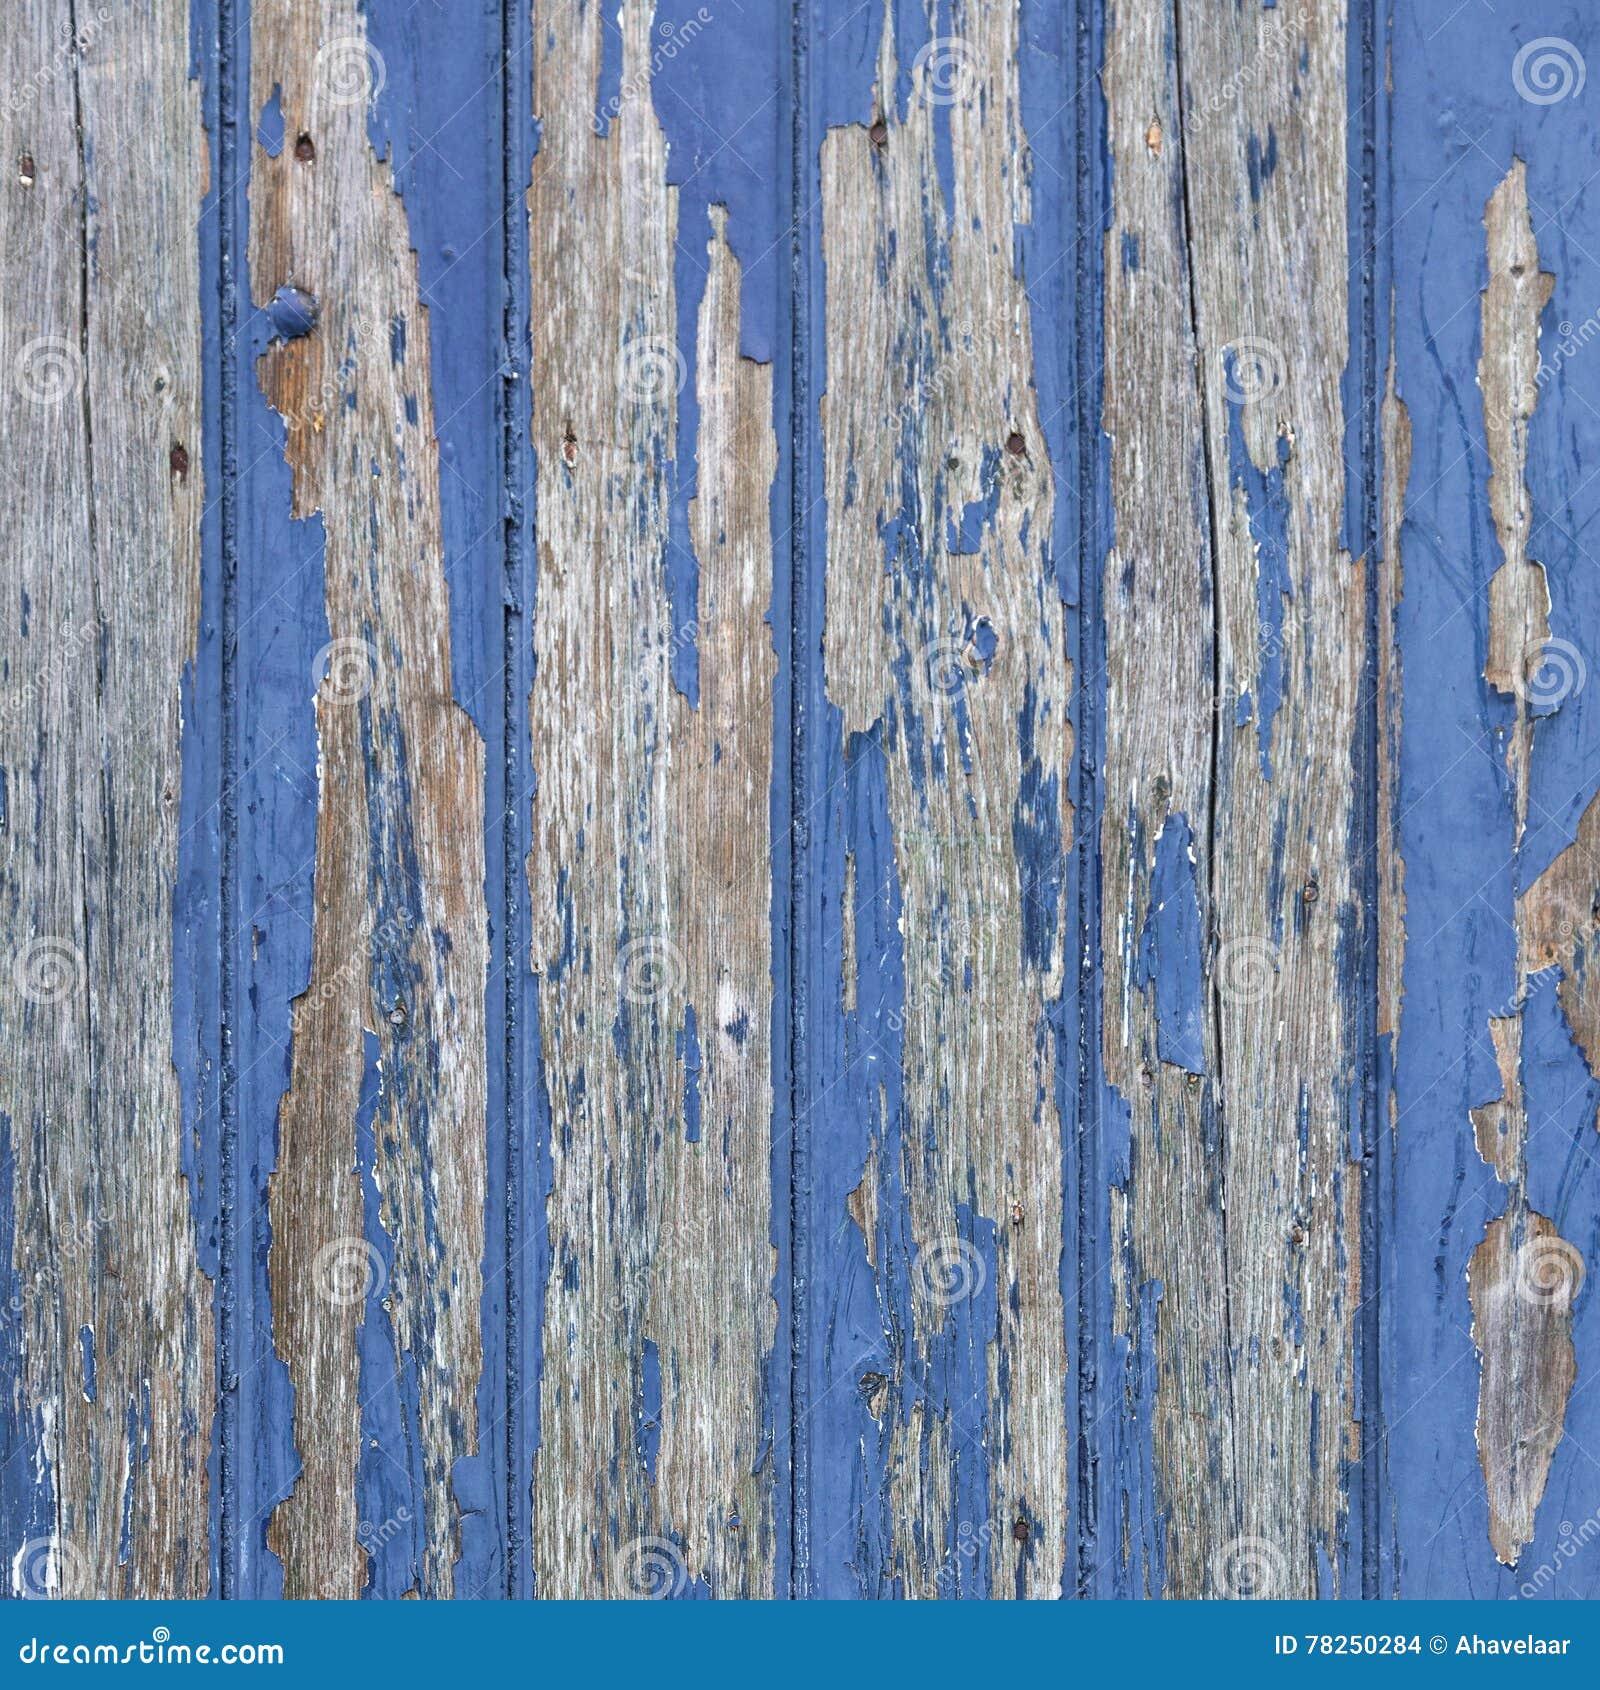 Ξεφλούδισμα του μπλε χρώματος στην ξύλινο πόρτα ή το φράκτη